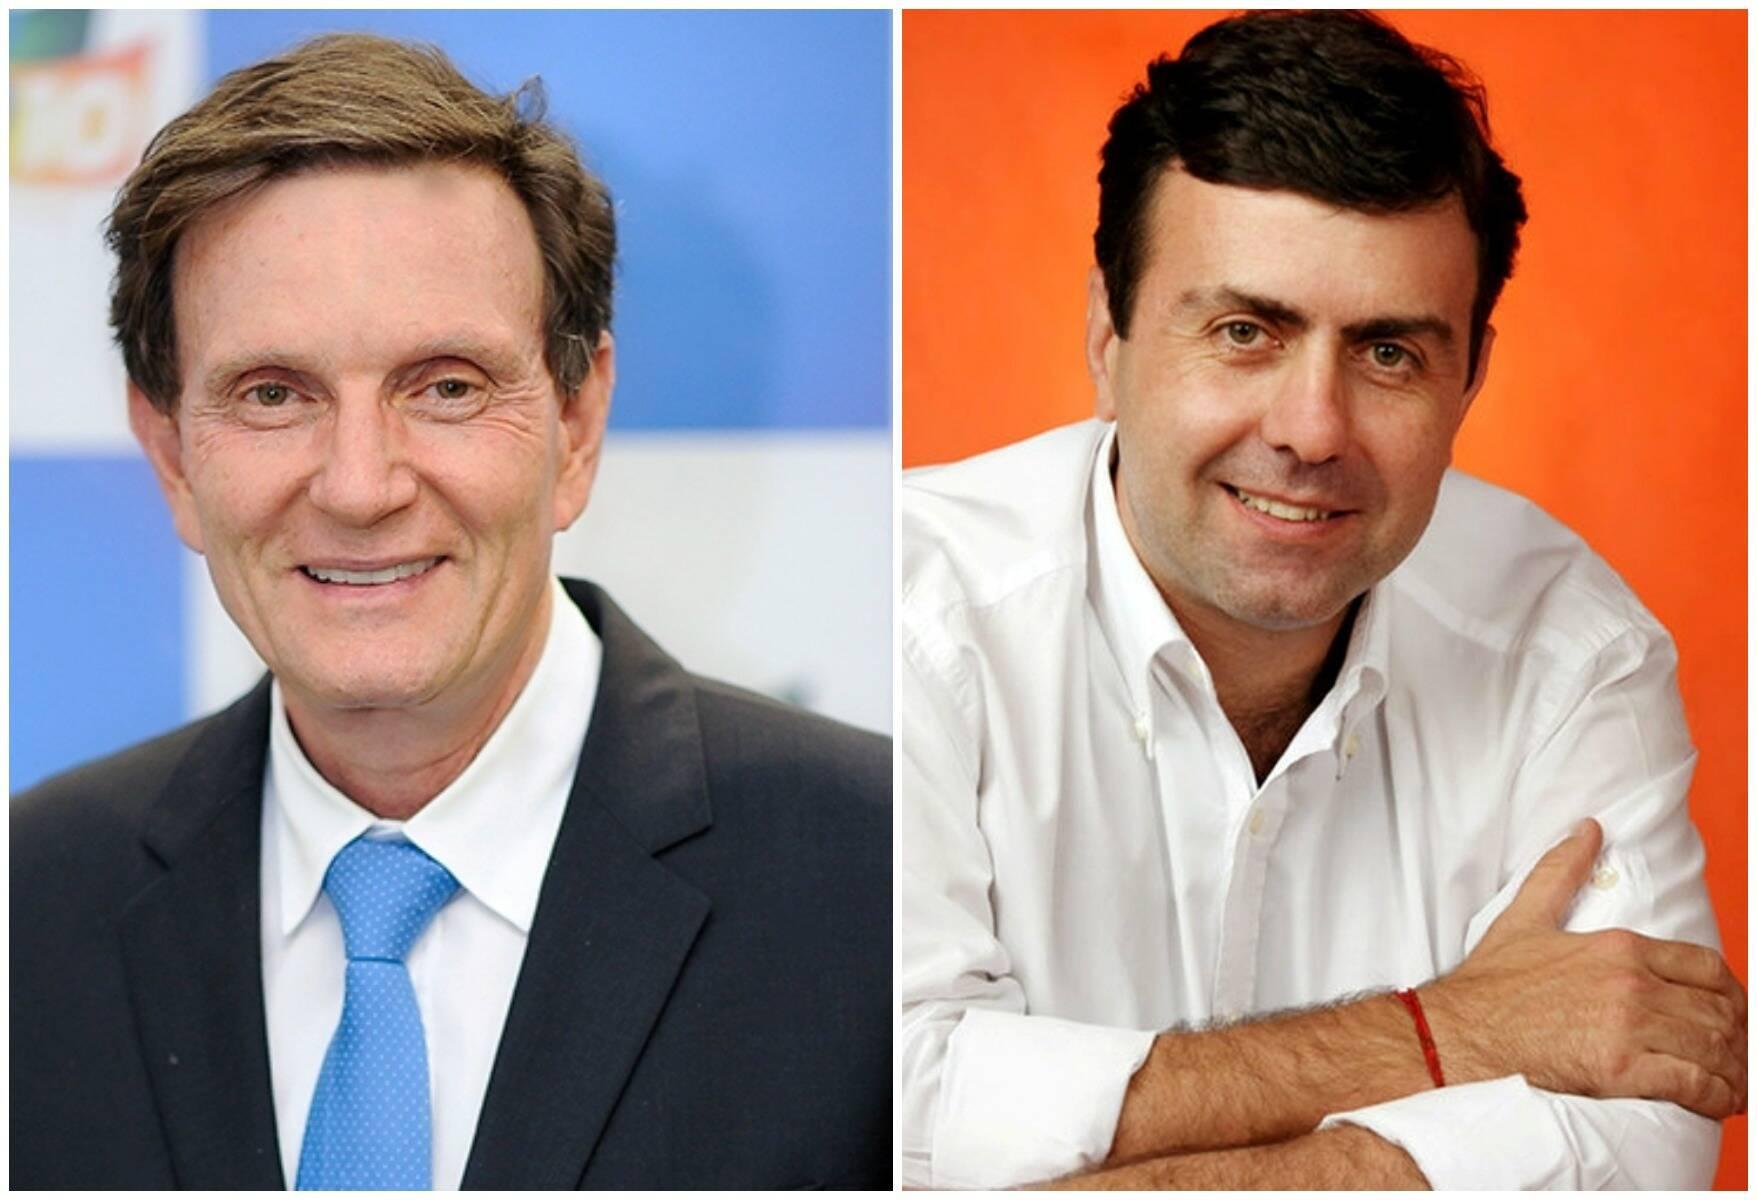 Os candidatos à prefeitura do Rio, Marcelo Crivella e Marcelo Freixo: embate do eleitorado continua, mesmo depois da vitória do primeiro / Fotos: IG